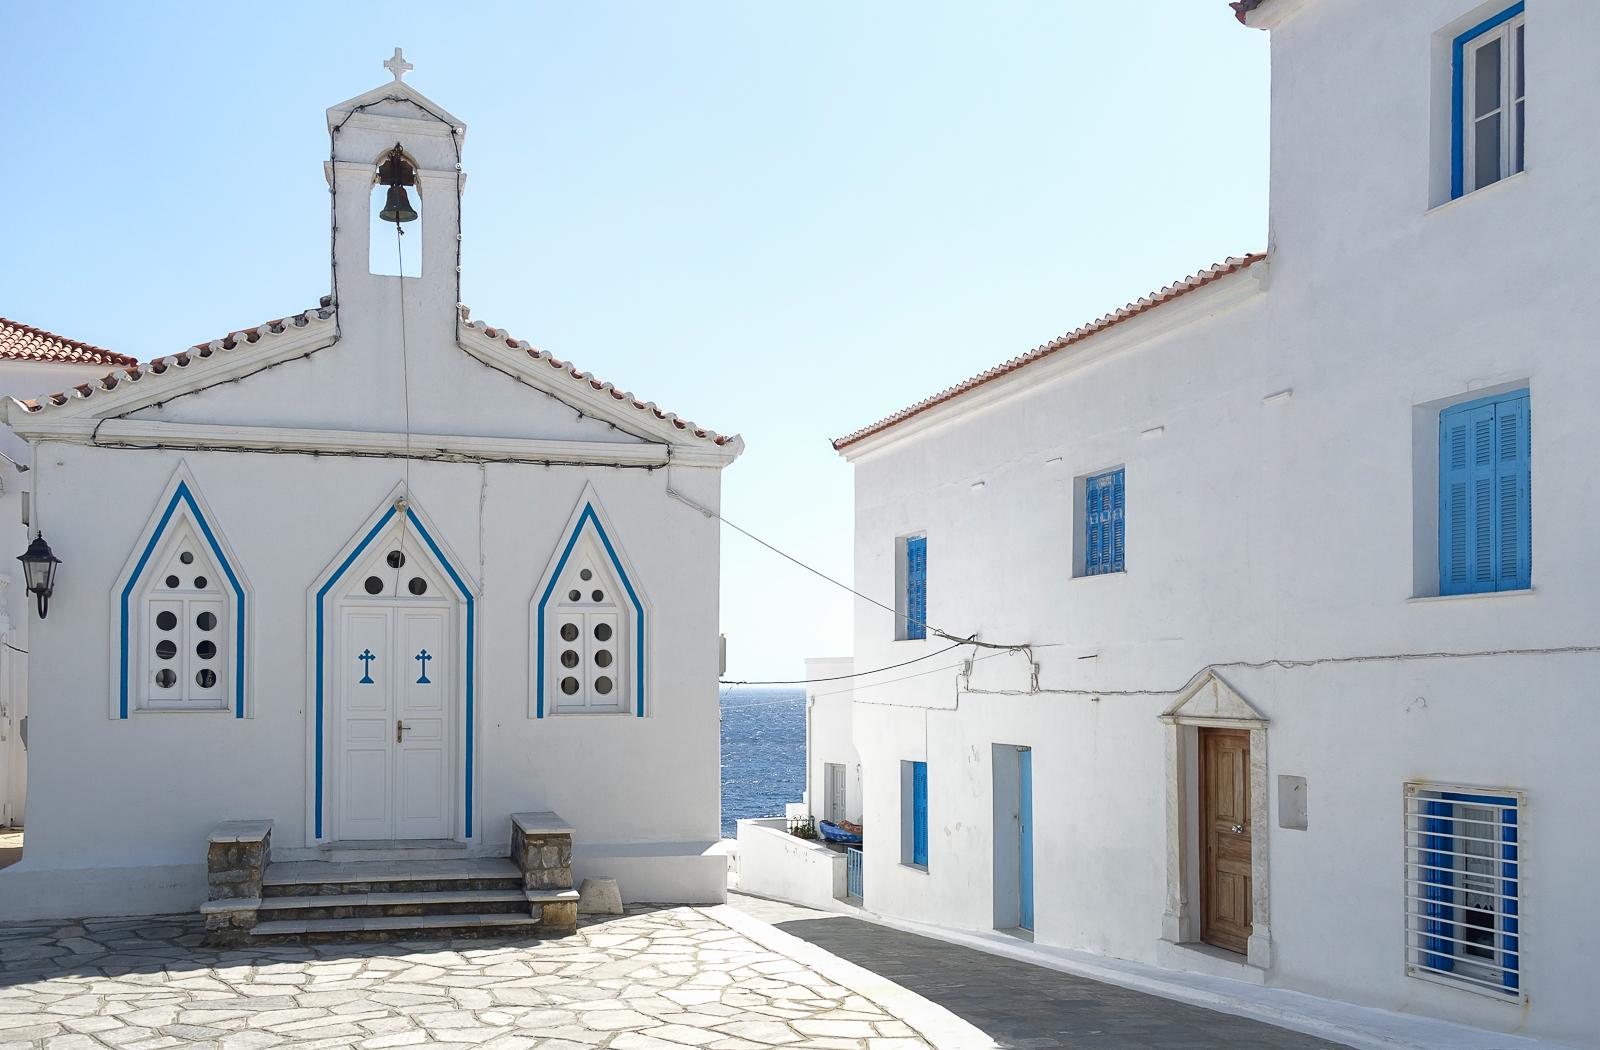 Itinéraire d'un voyages dans les Cyclades : Chora, Andros. Partis pour les Cyclades